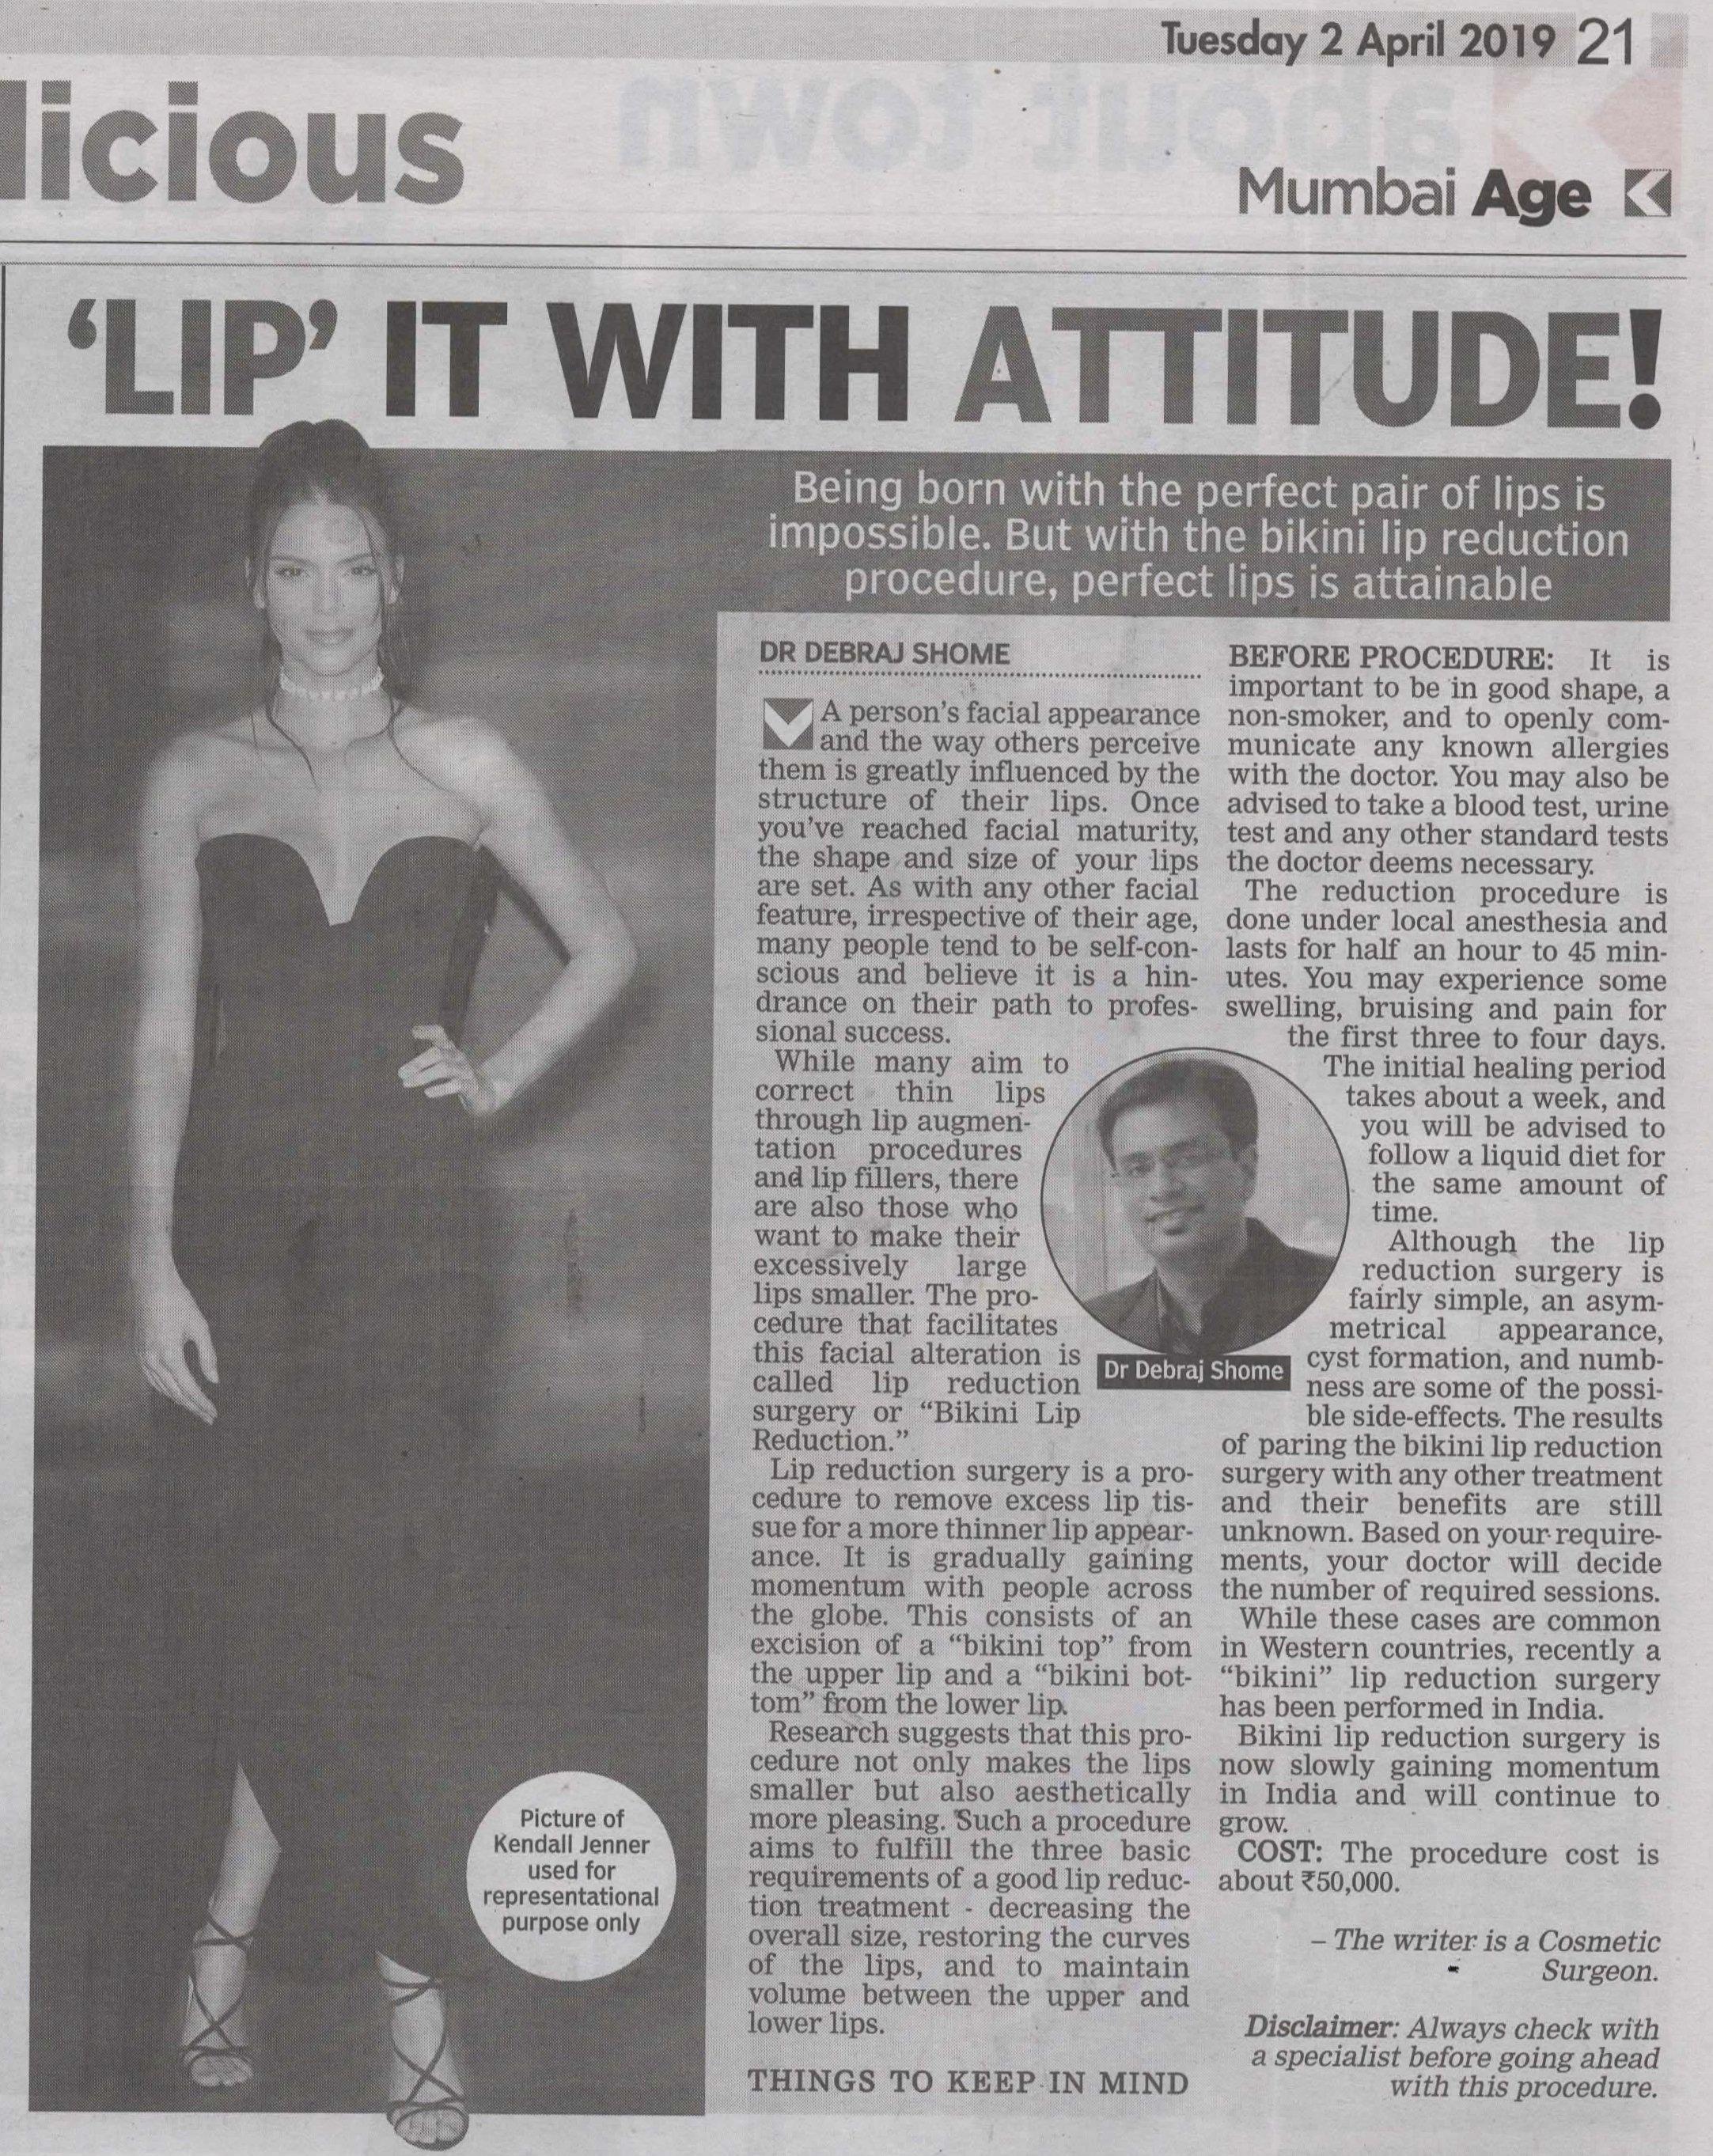 Bikni Lip - Asian Age & Deccan Chronicle